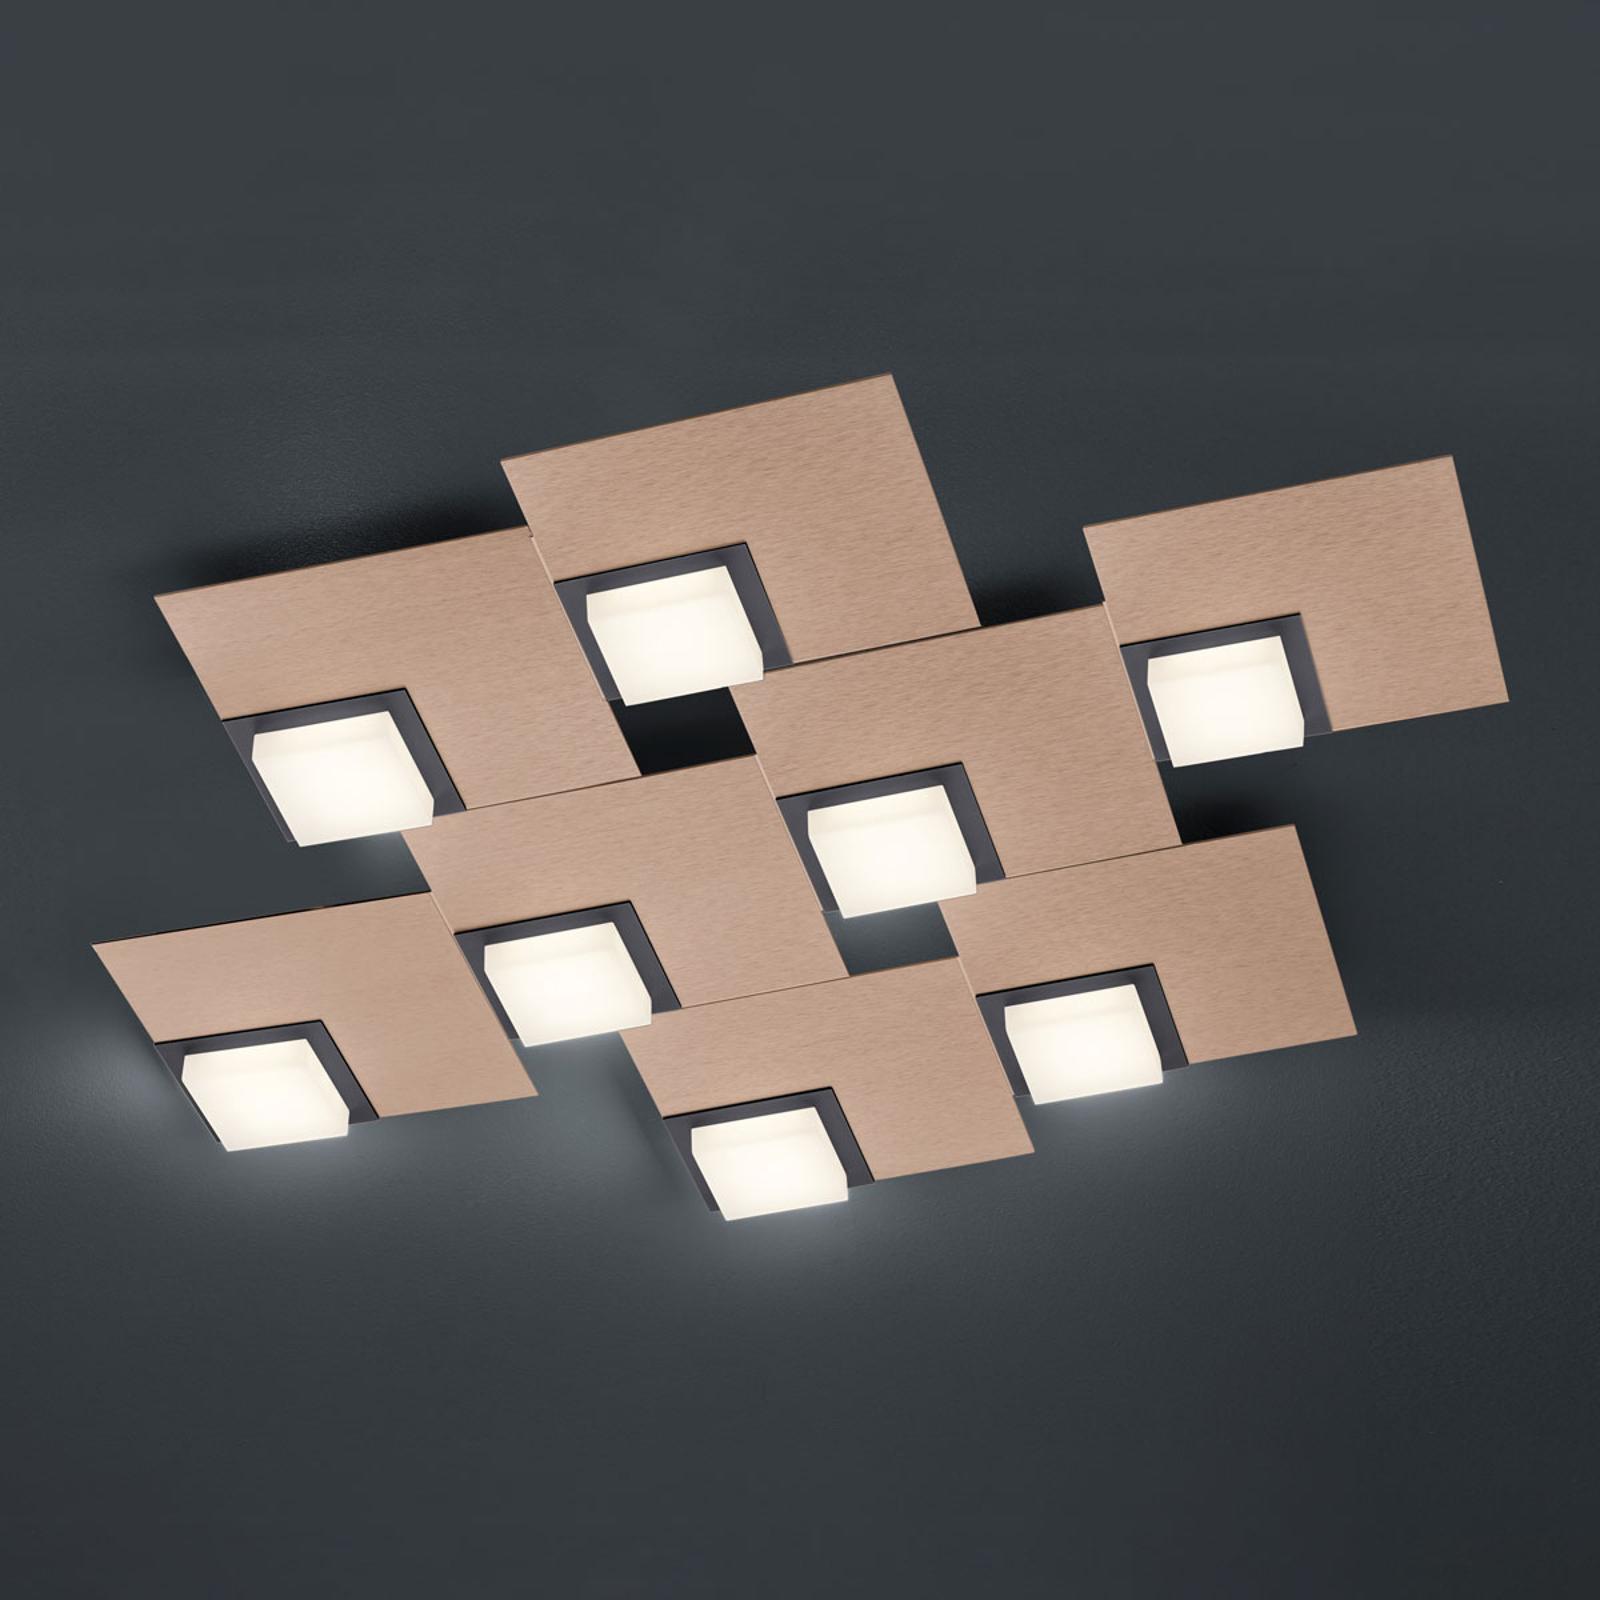 BANKAMP Quadro lampa sufitowa LED 64W różowe złoto